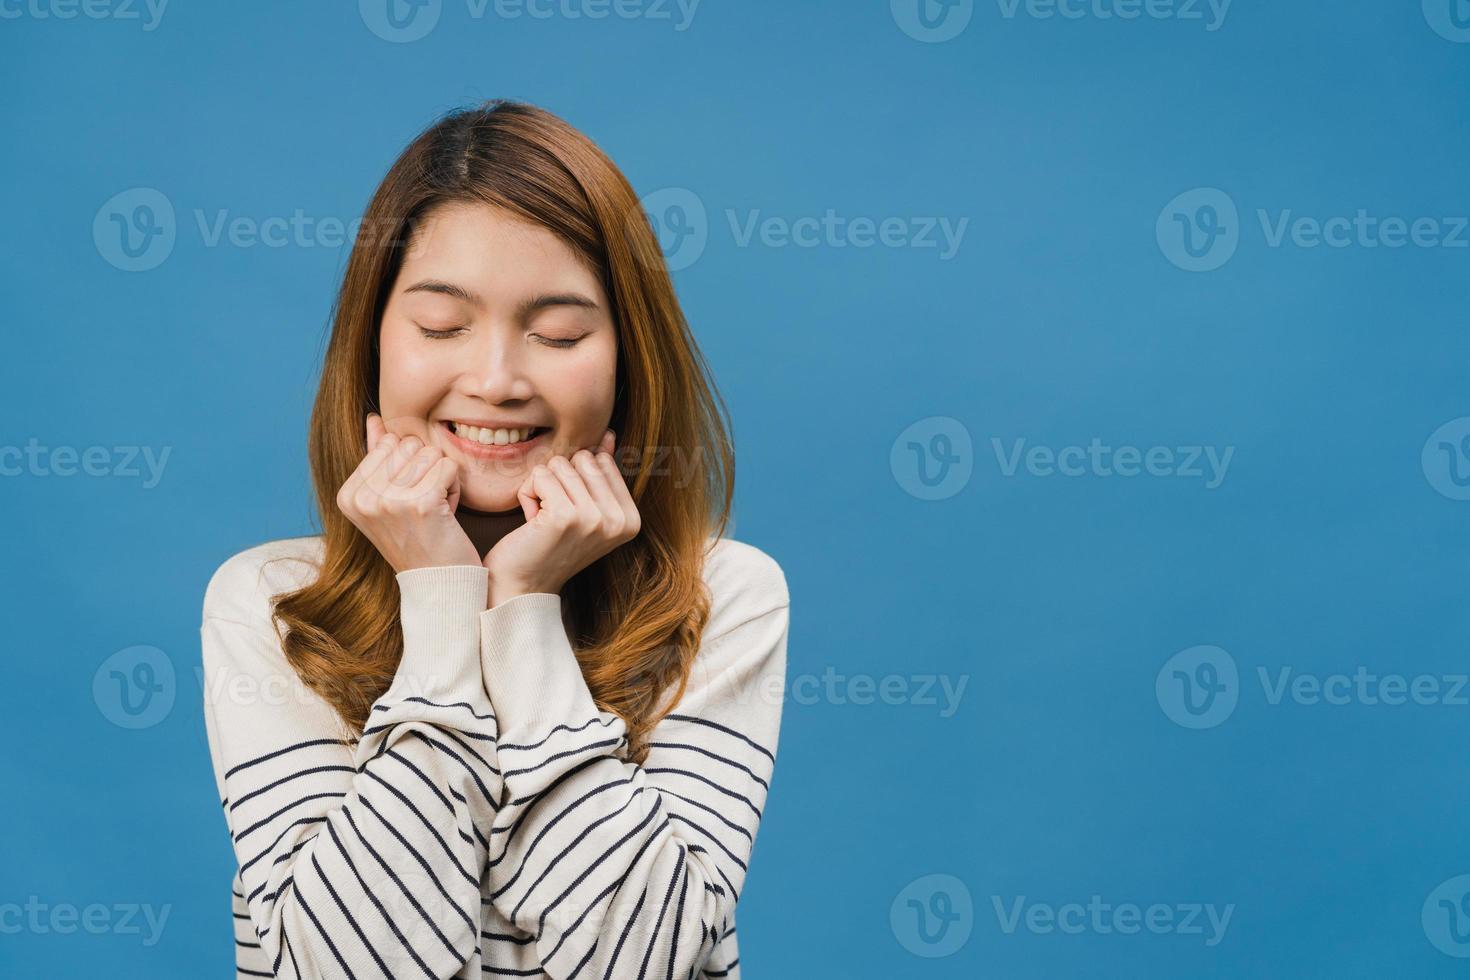 junge asiatische dame mit positivem ausdruck, breit lächeln, legere kleidung tragen und die augen vor blauem hintergrund schließen. glückliche entzückende frohe frau freut sich über erfolg. Gesichtsausdruck Konzept. foto